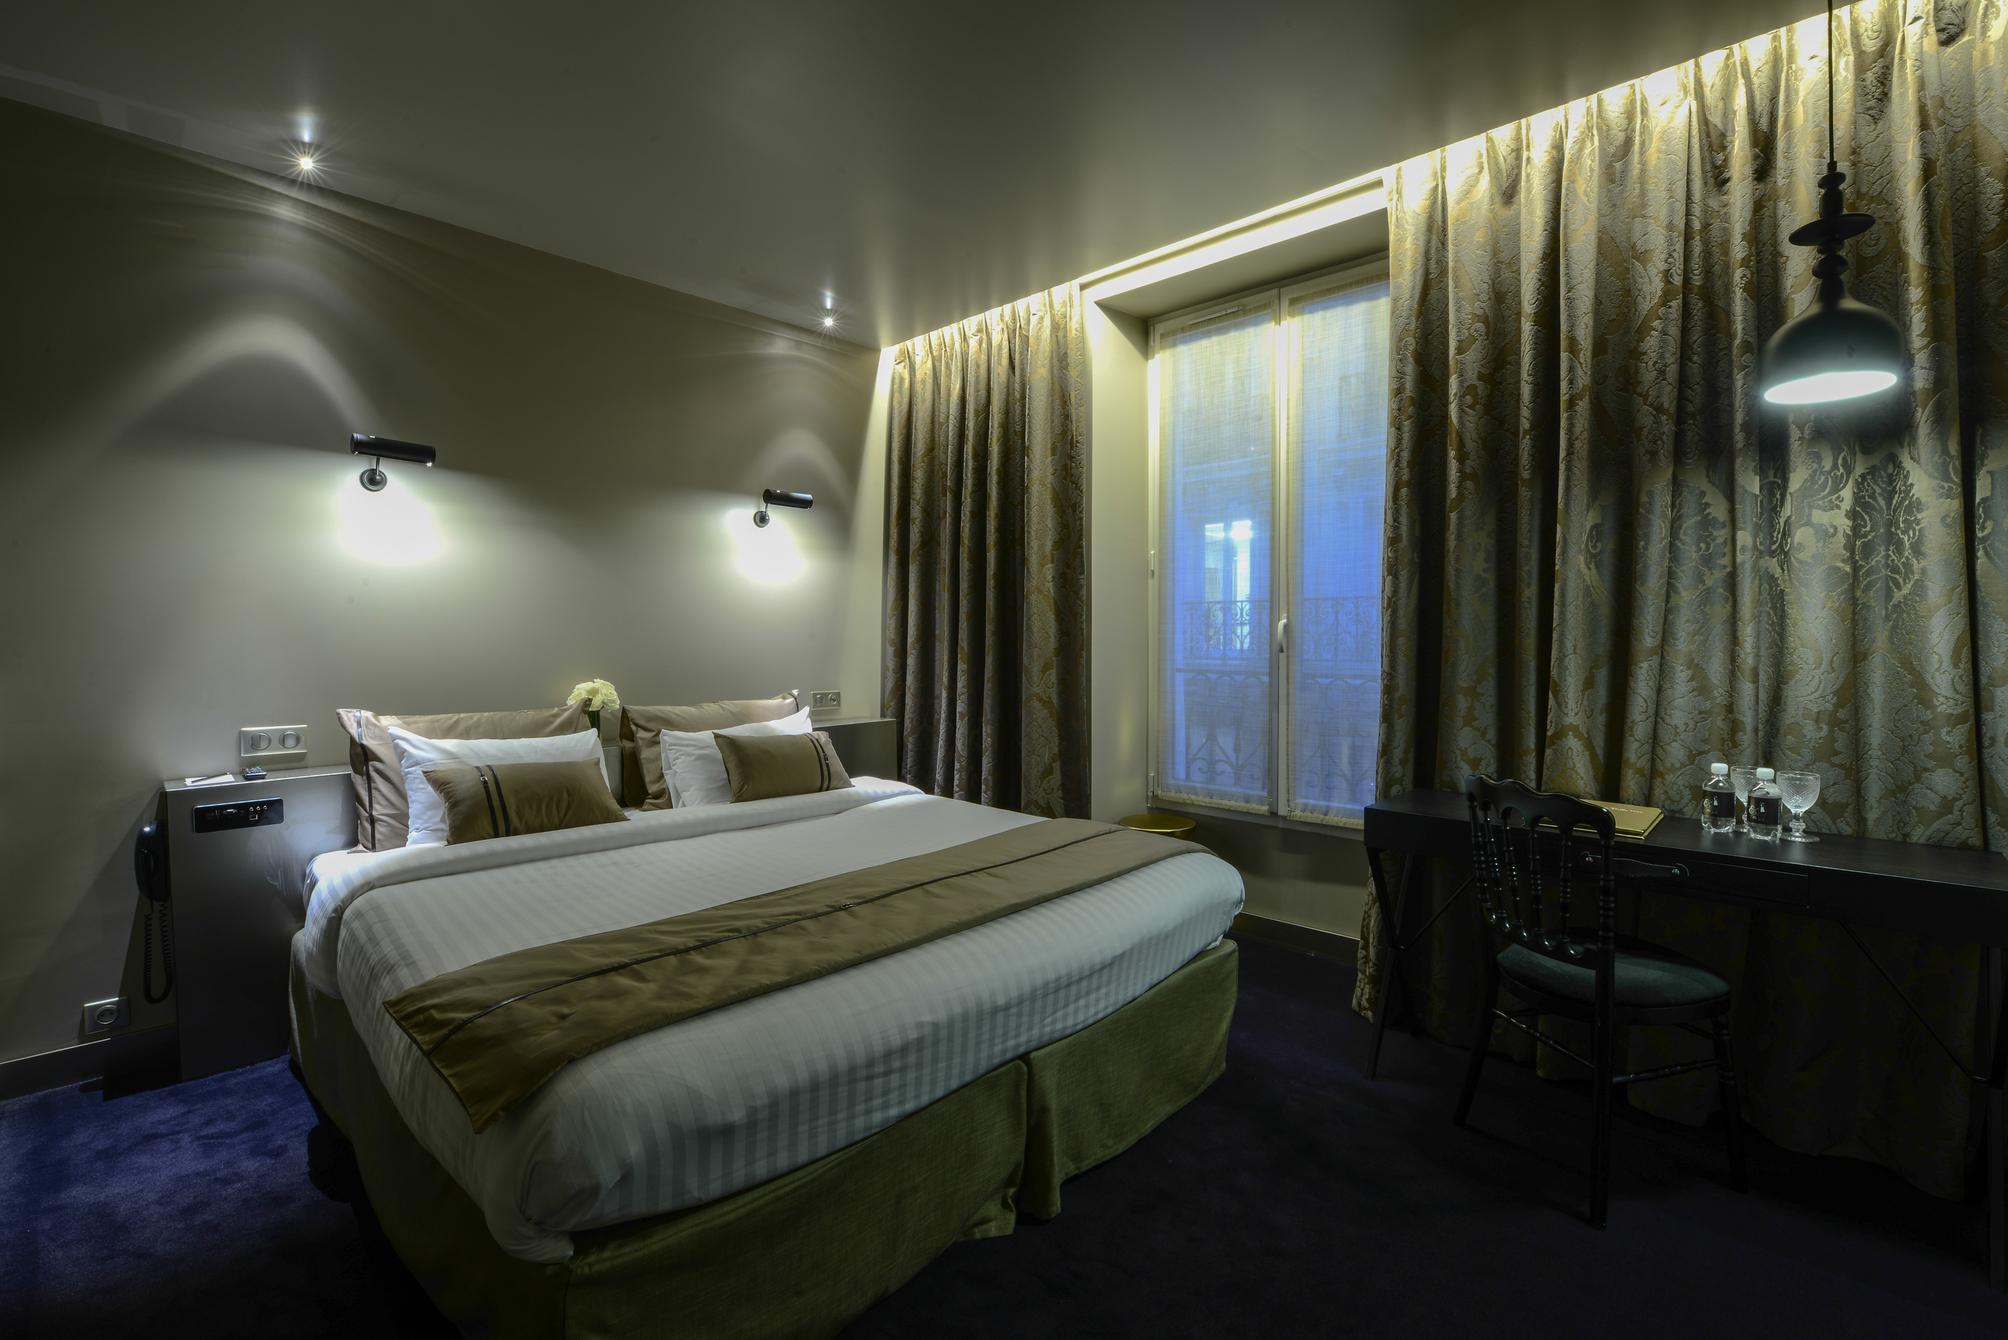 hotel eugene en ville en paris desde 108 rumbo. Black Bedroom Furniture Sets. Home Design Ideas